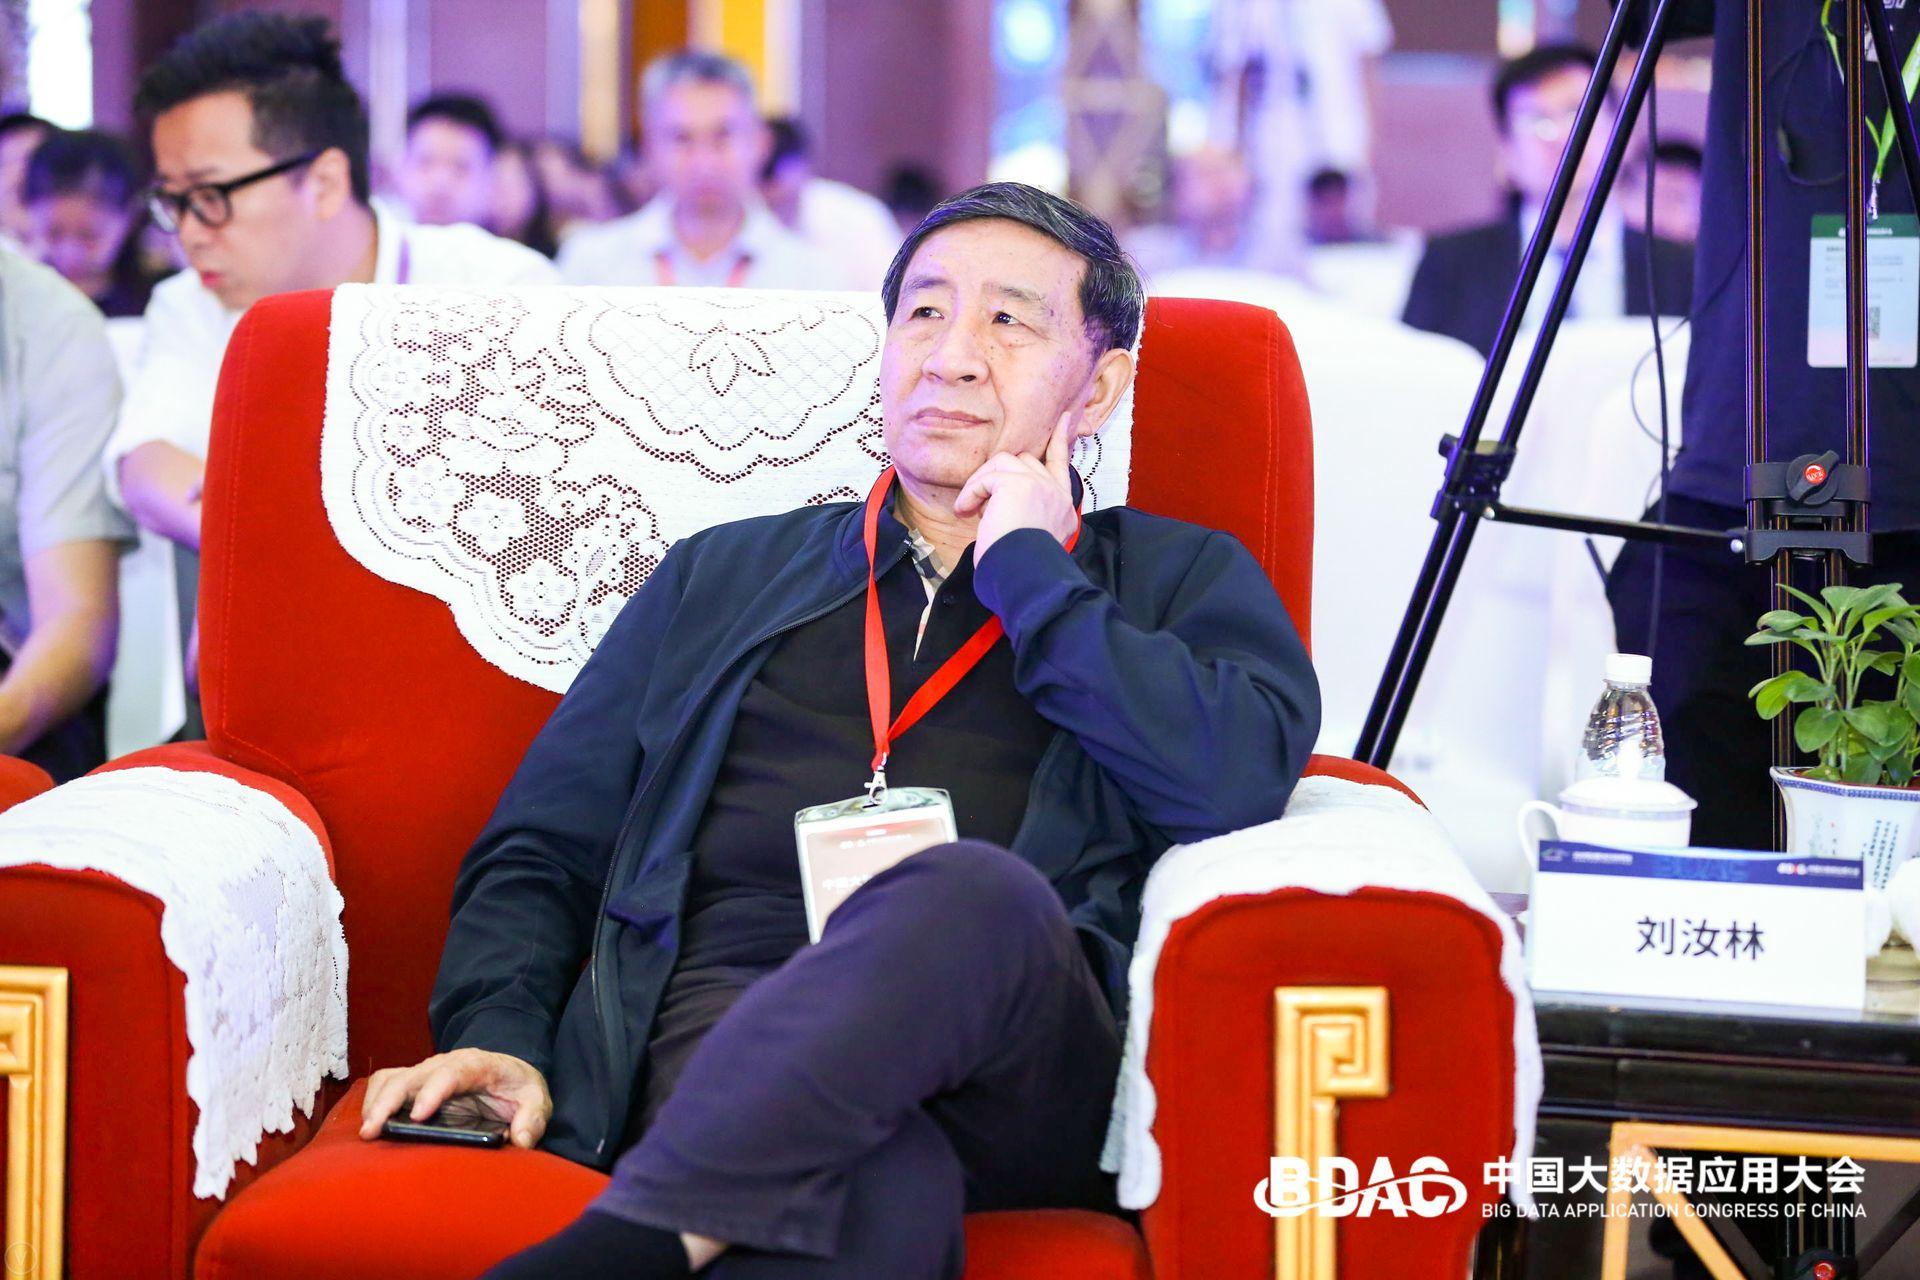 2018年中国大数据应用大会直播-现场图片